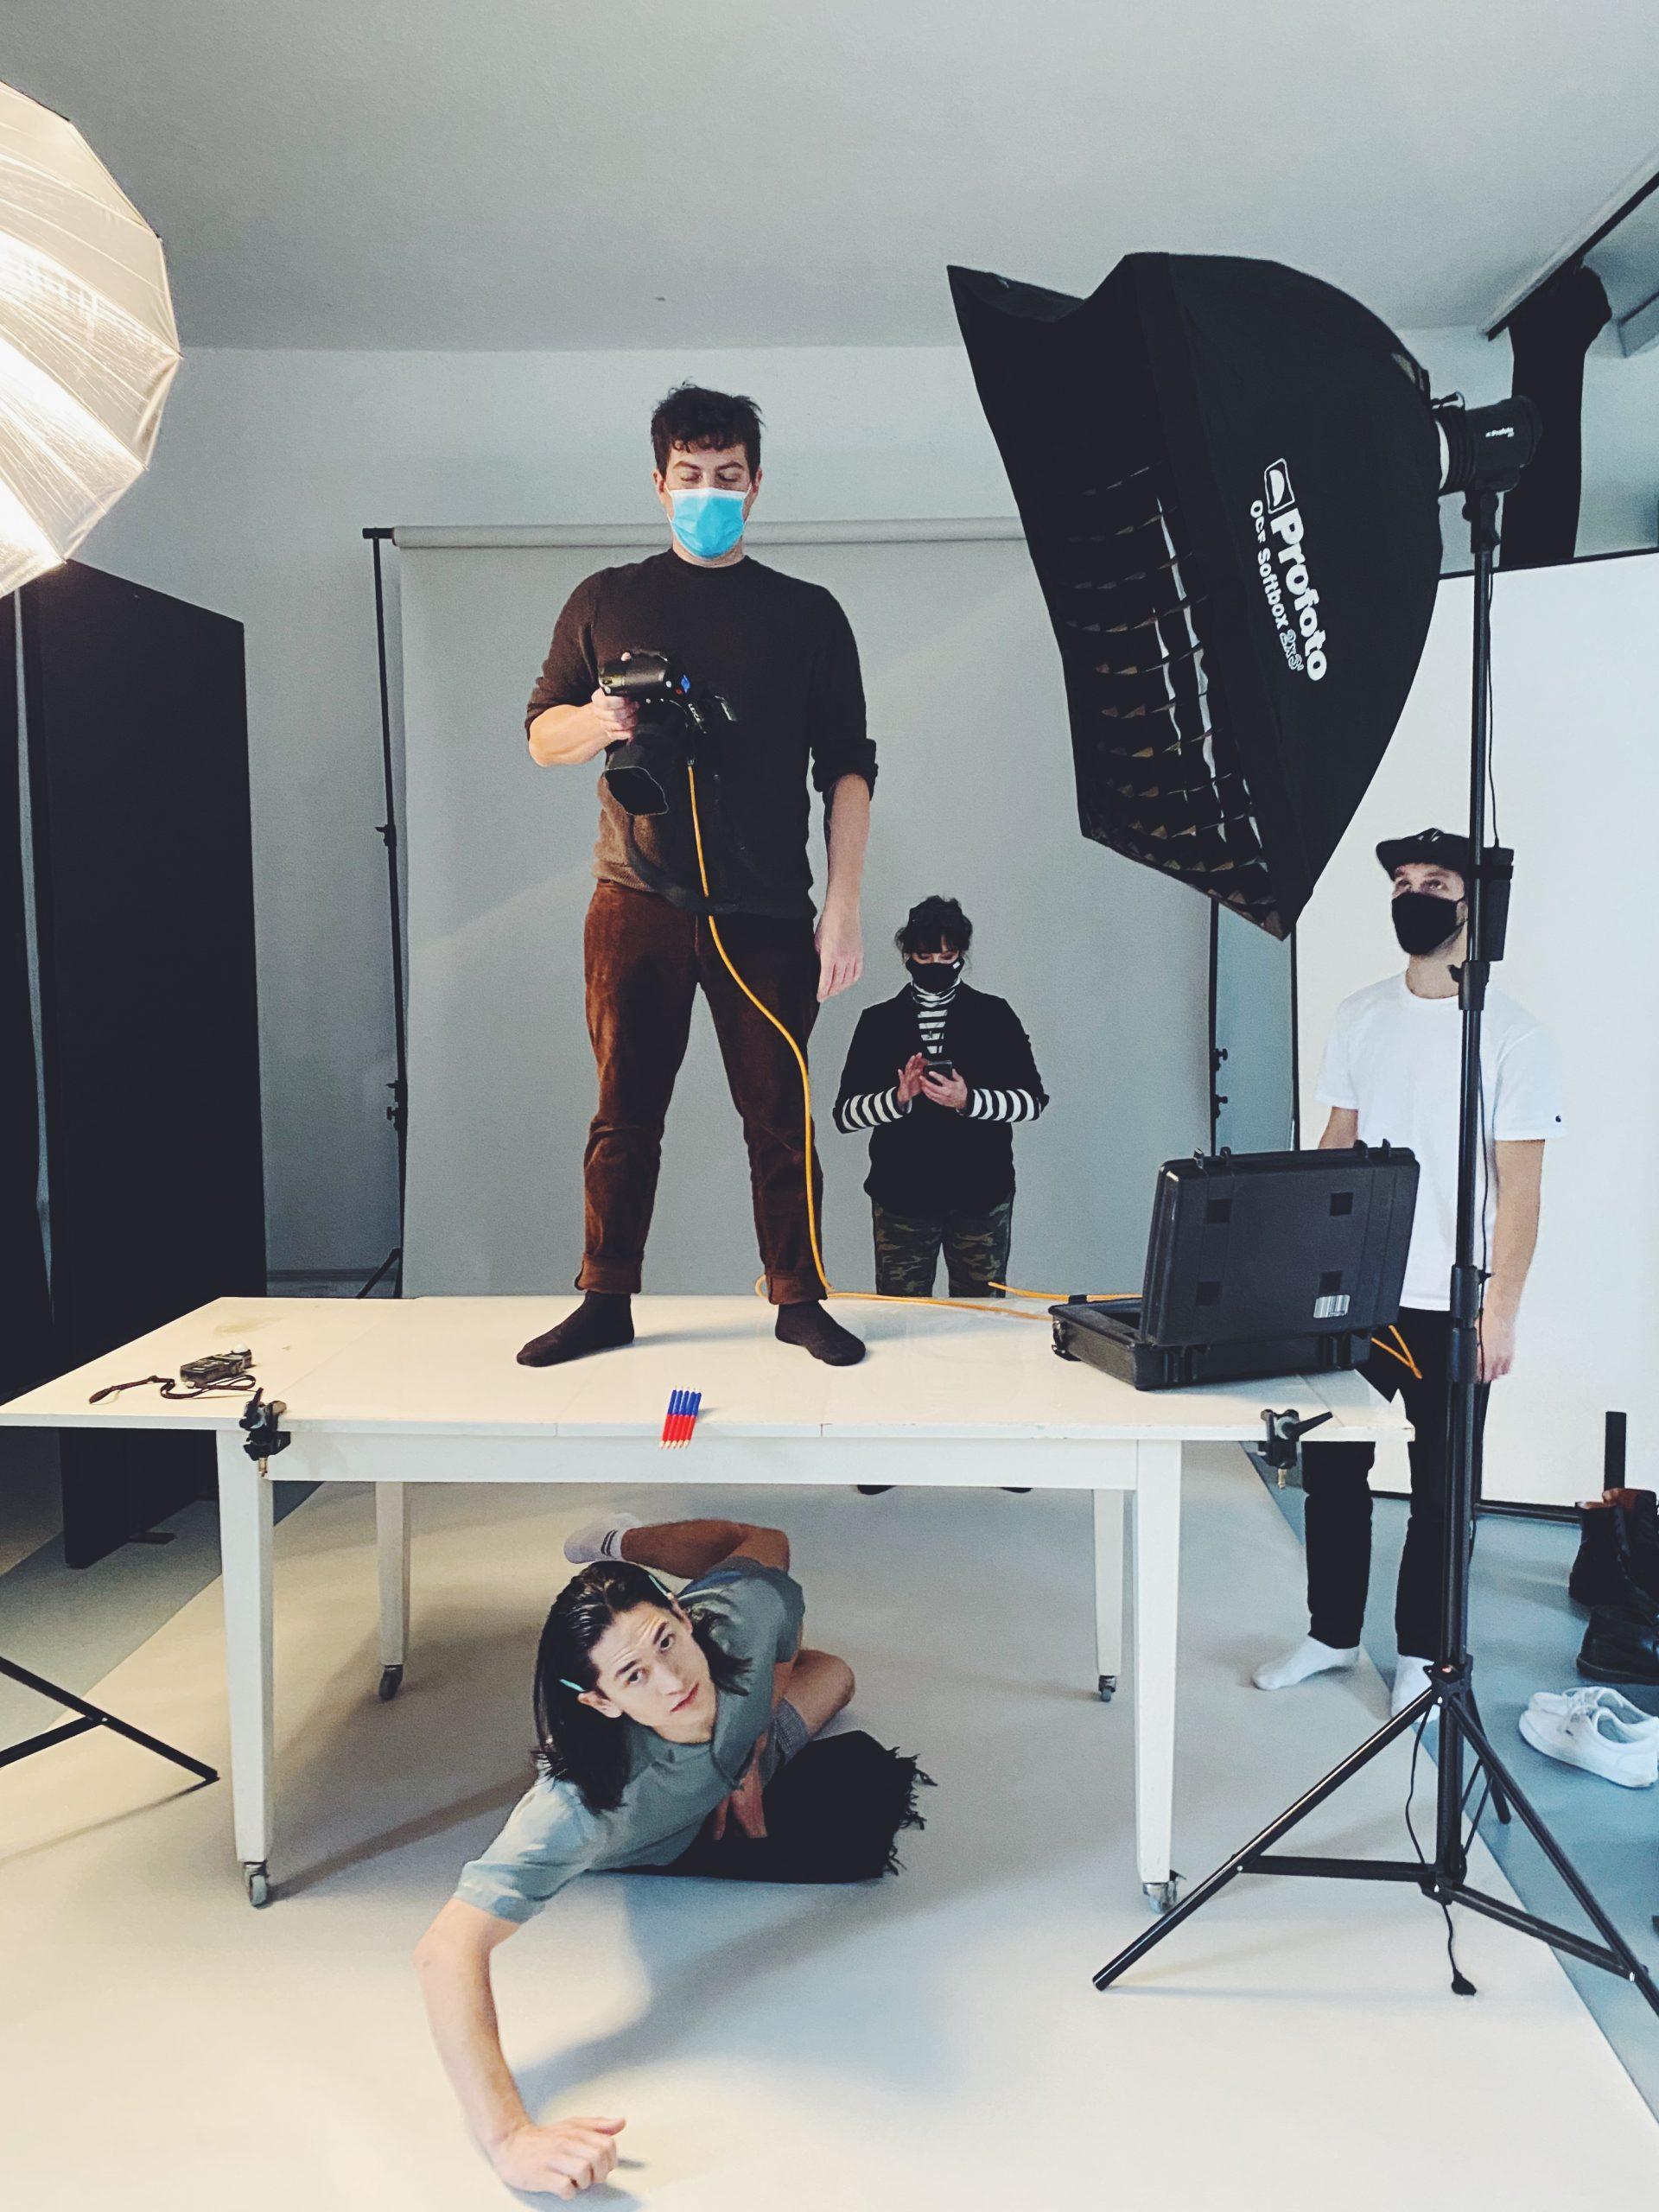 Behind the scenes Bild des Shootings zu ES IST OKAY